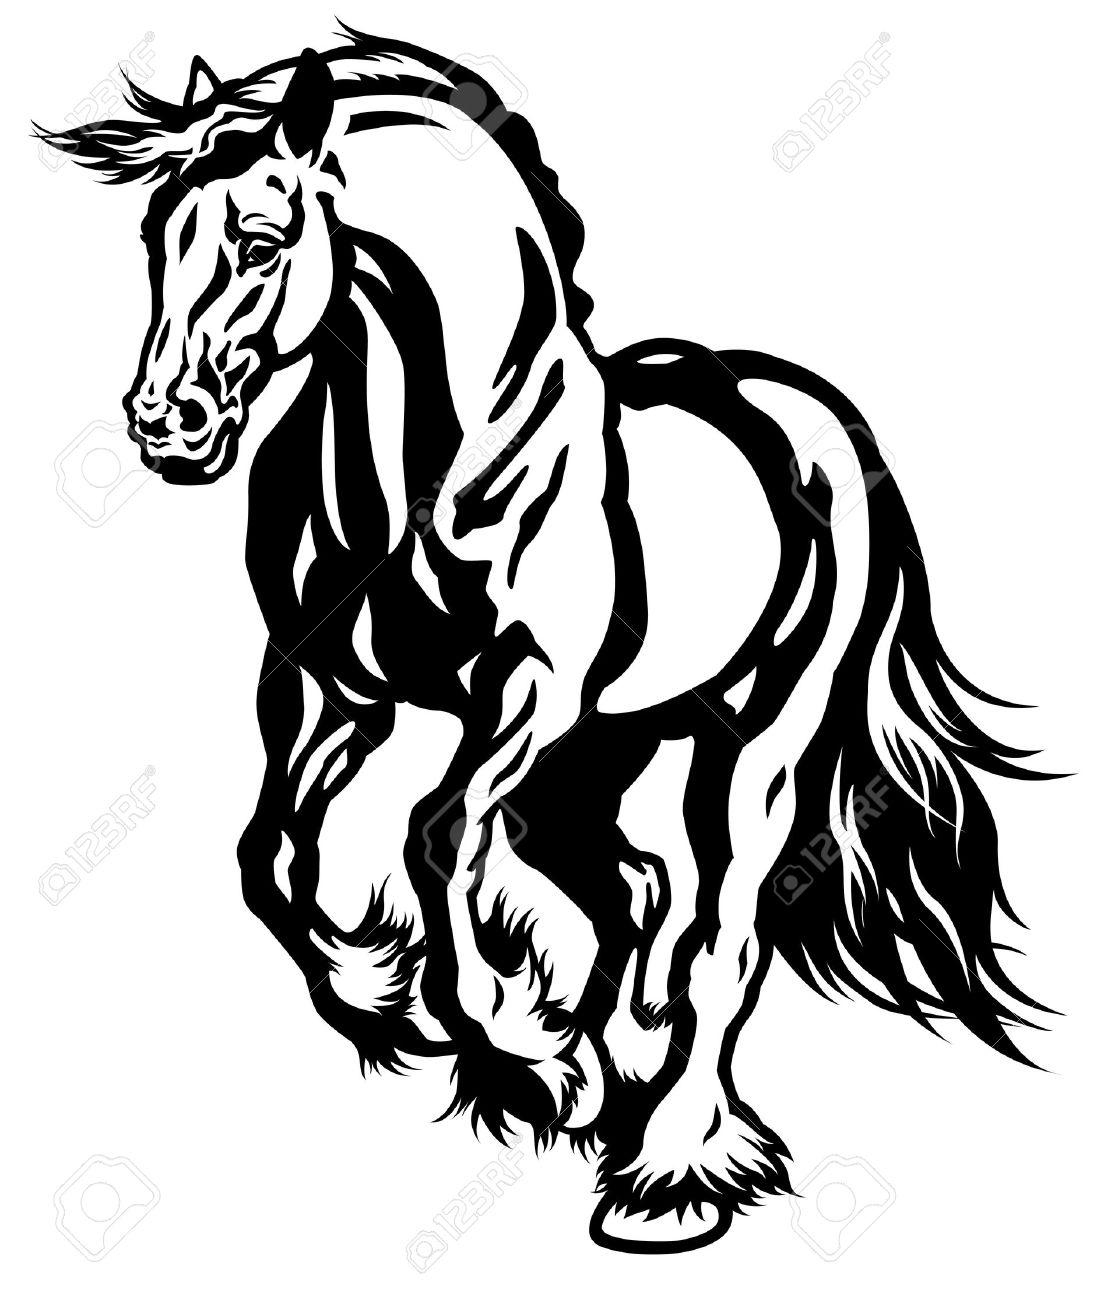 1097x1300 Stallion Clipart Black And White